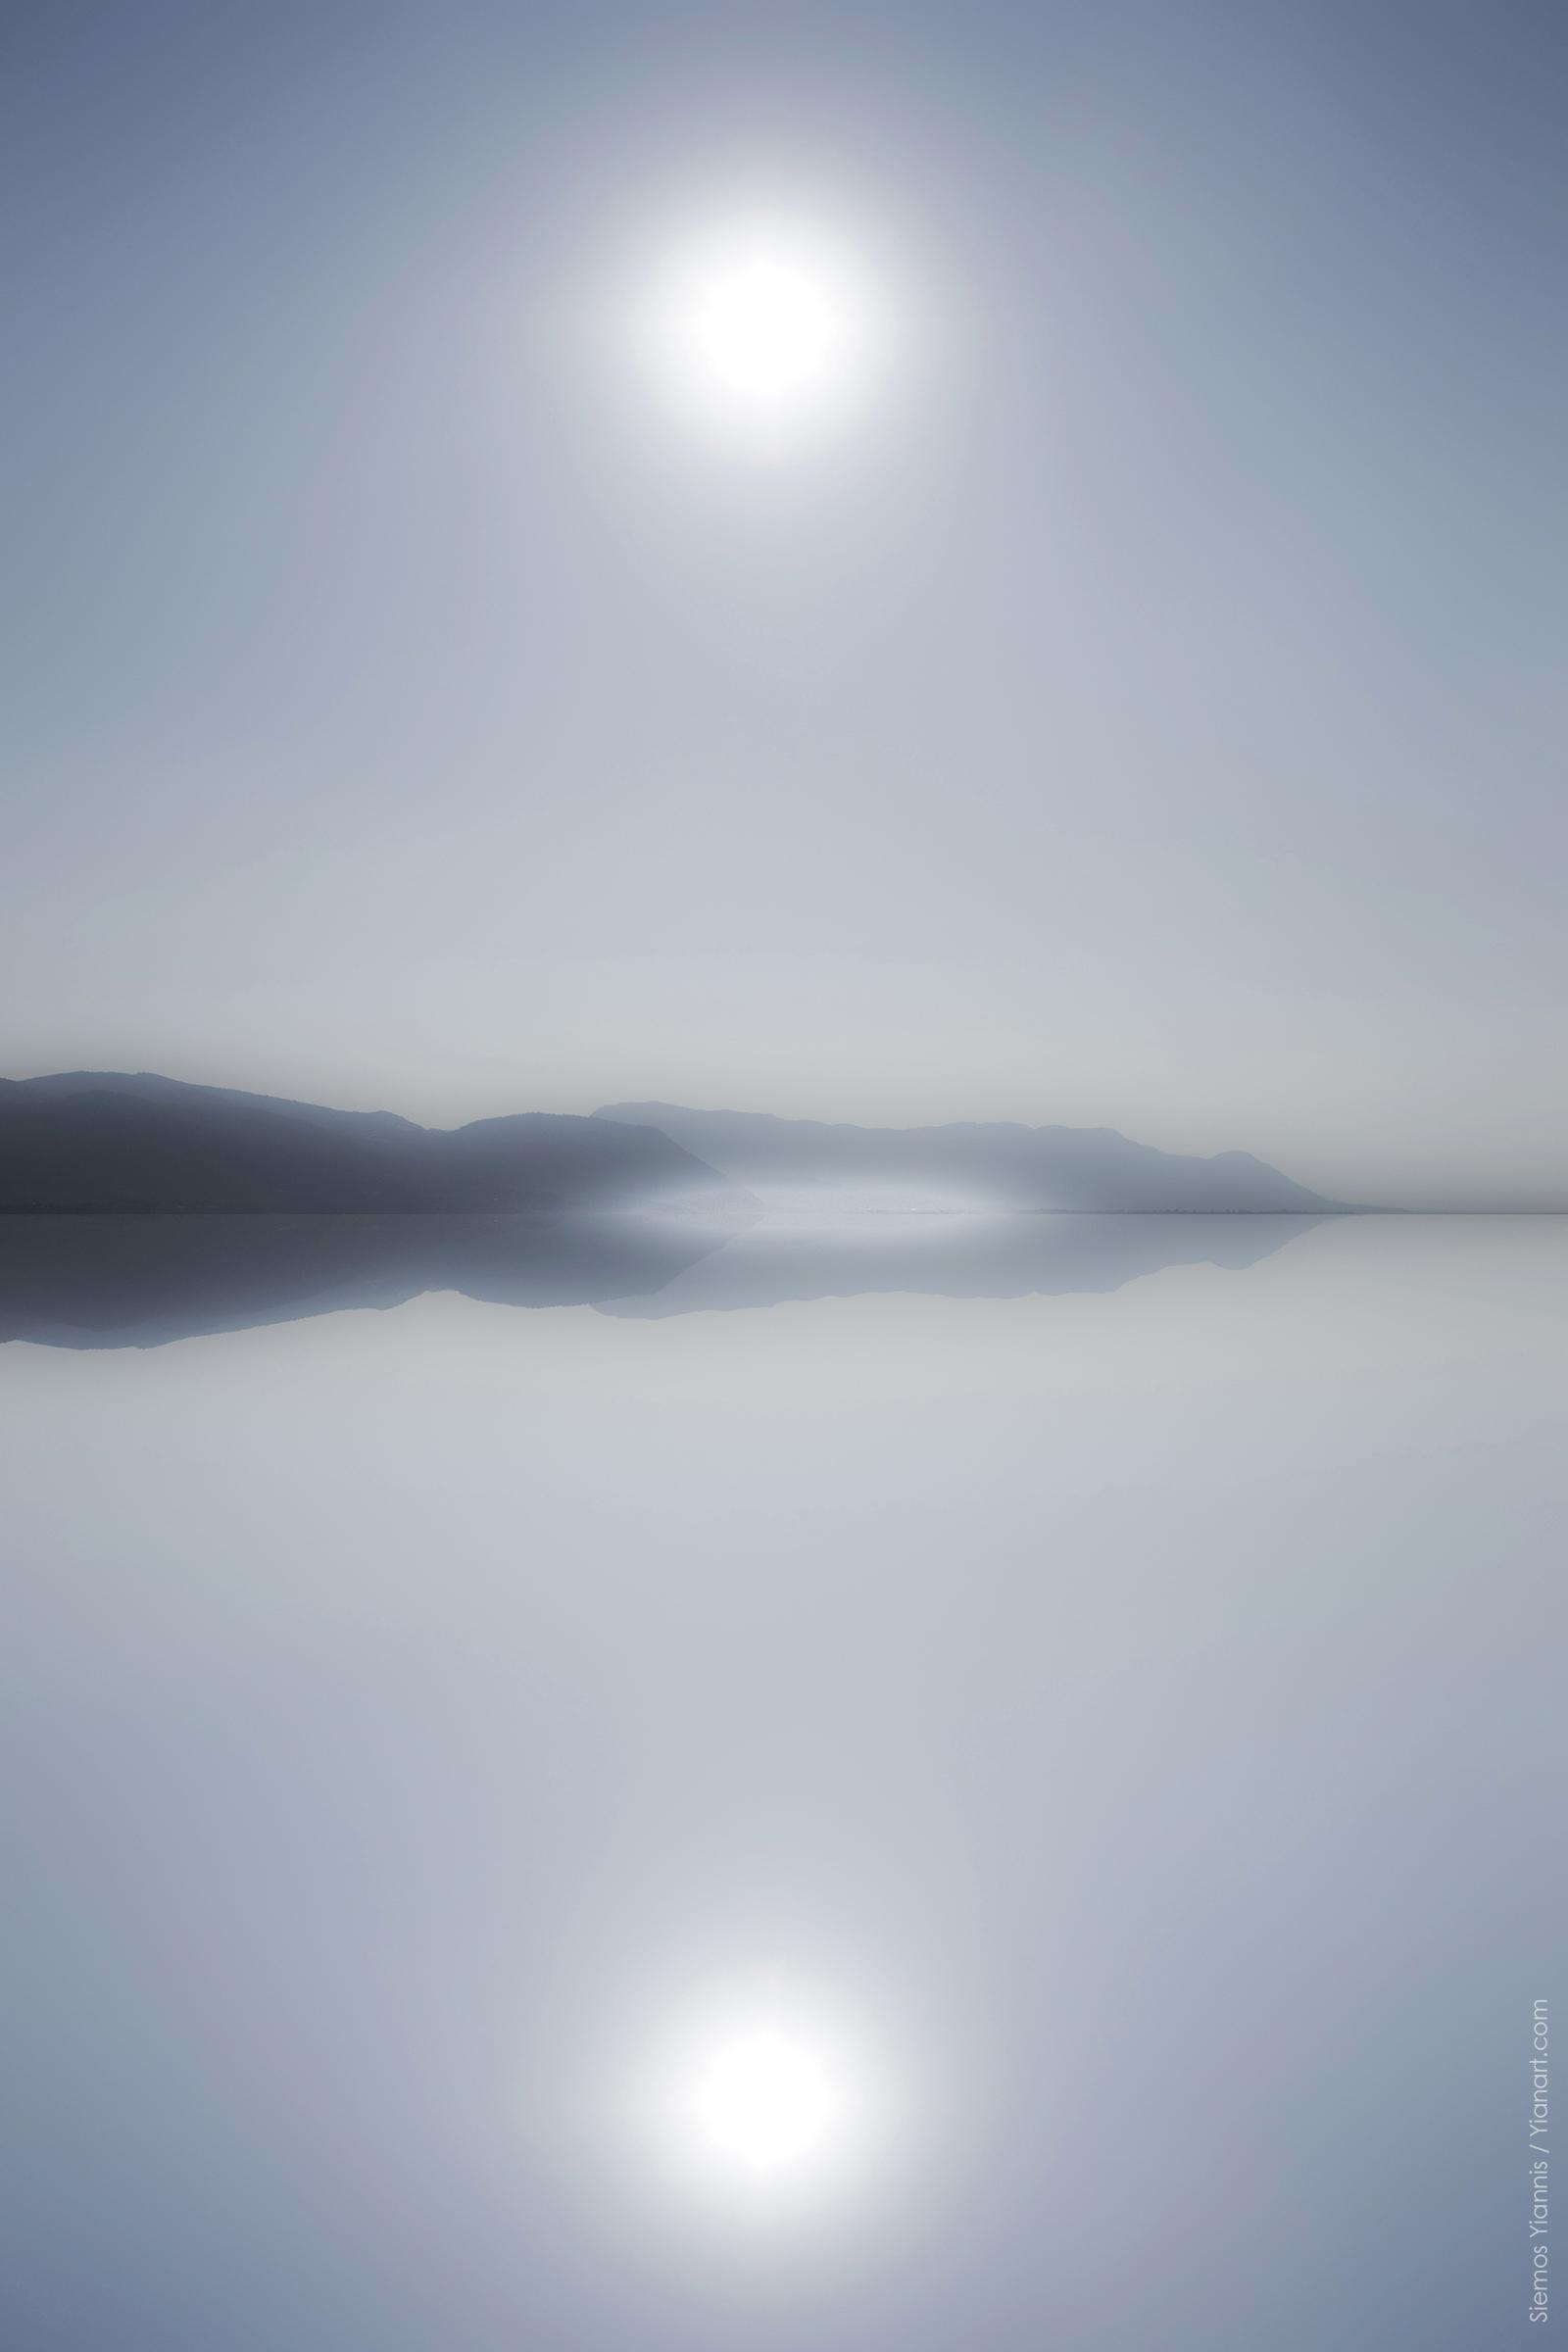 Landscape_3_Yianart